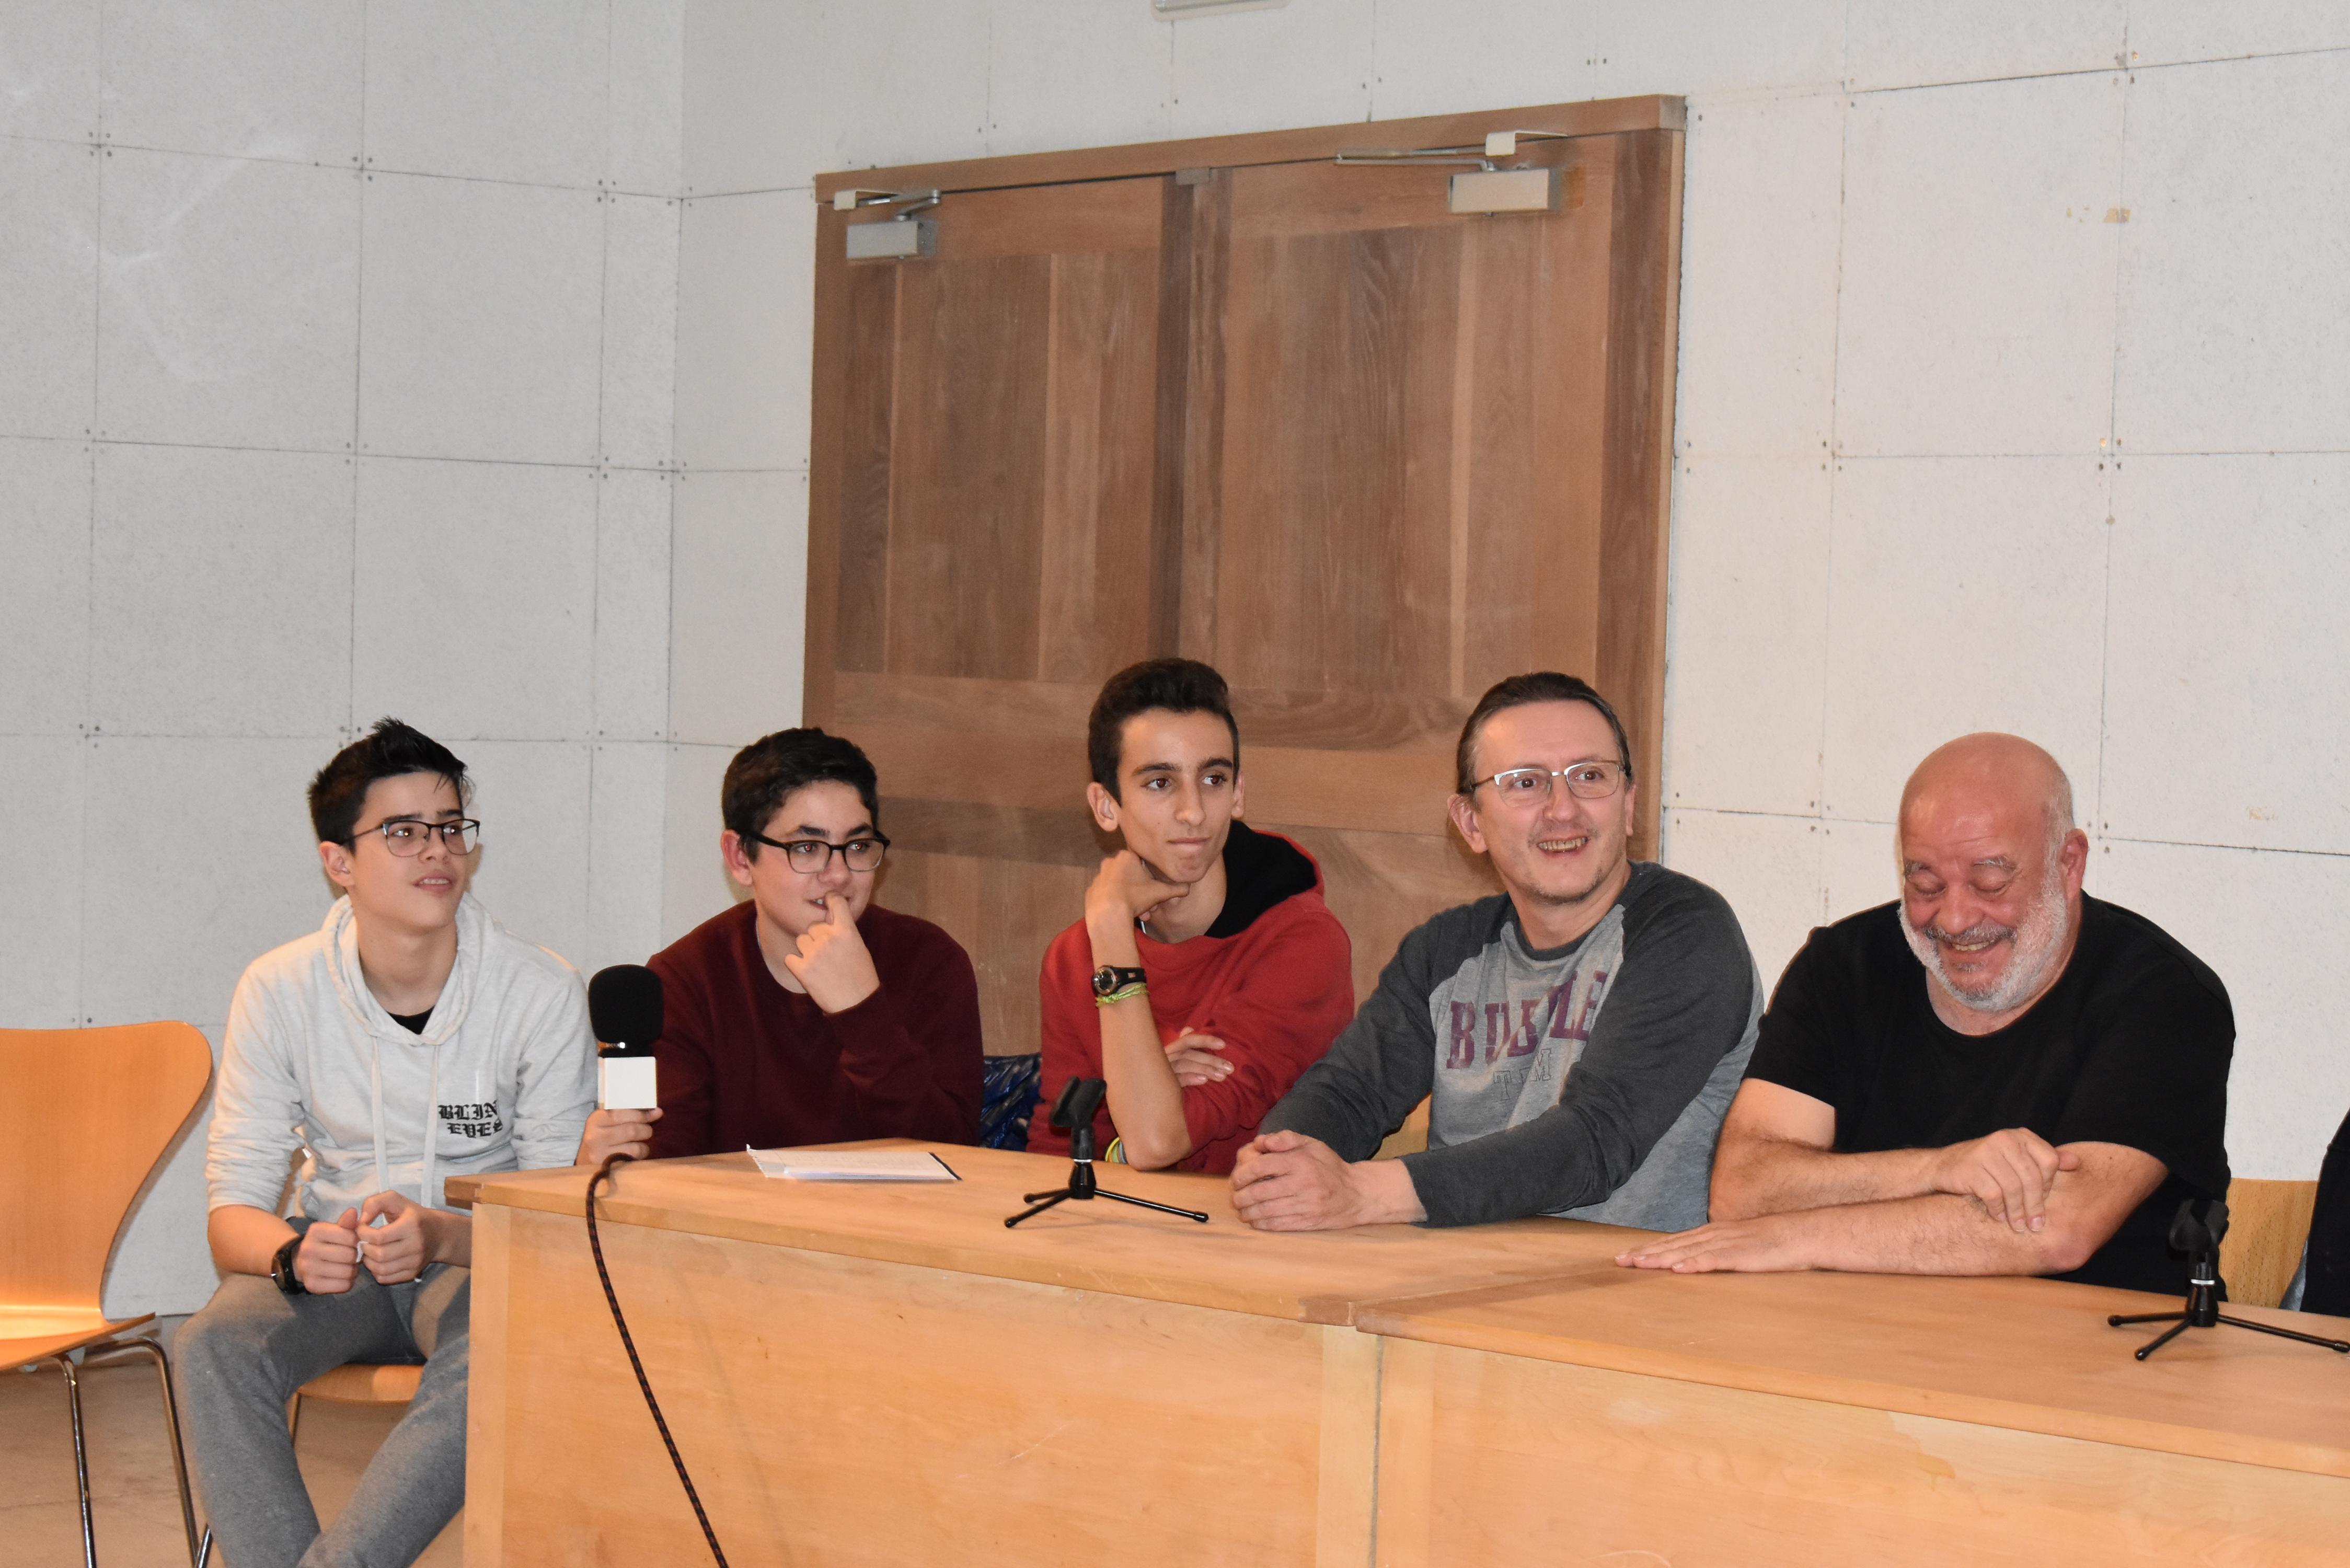 25 Noviembre.Descubrimos el machismo y la literatura, con Fernando Saldaña y  Fernando Rubio, miembros de la Sal , impulsora del  I Salón del libro.